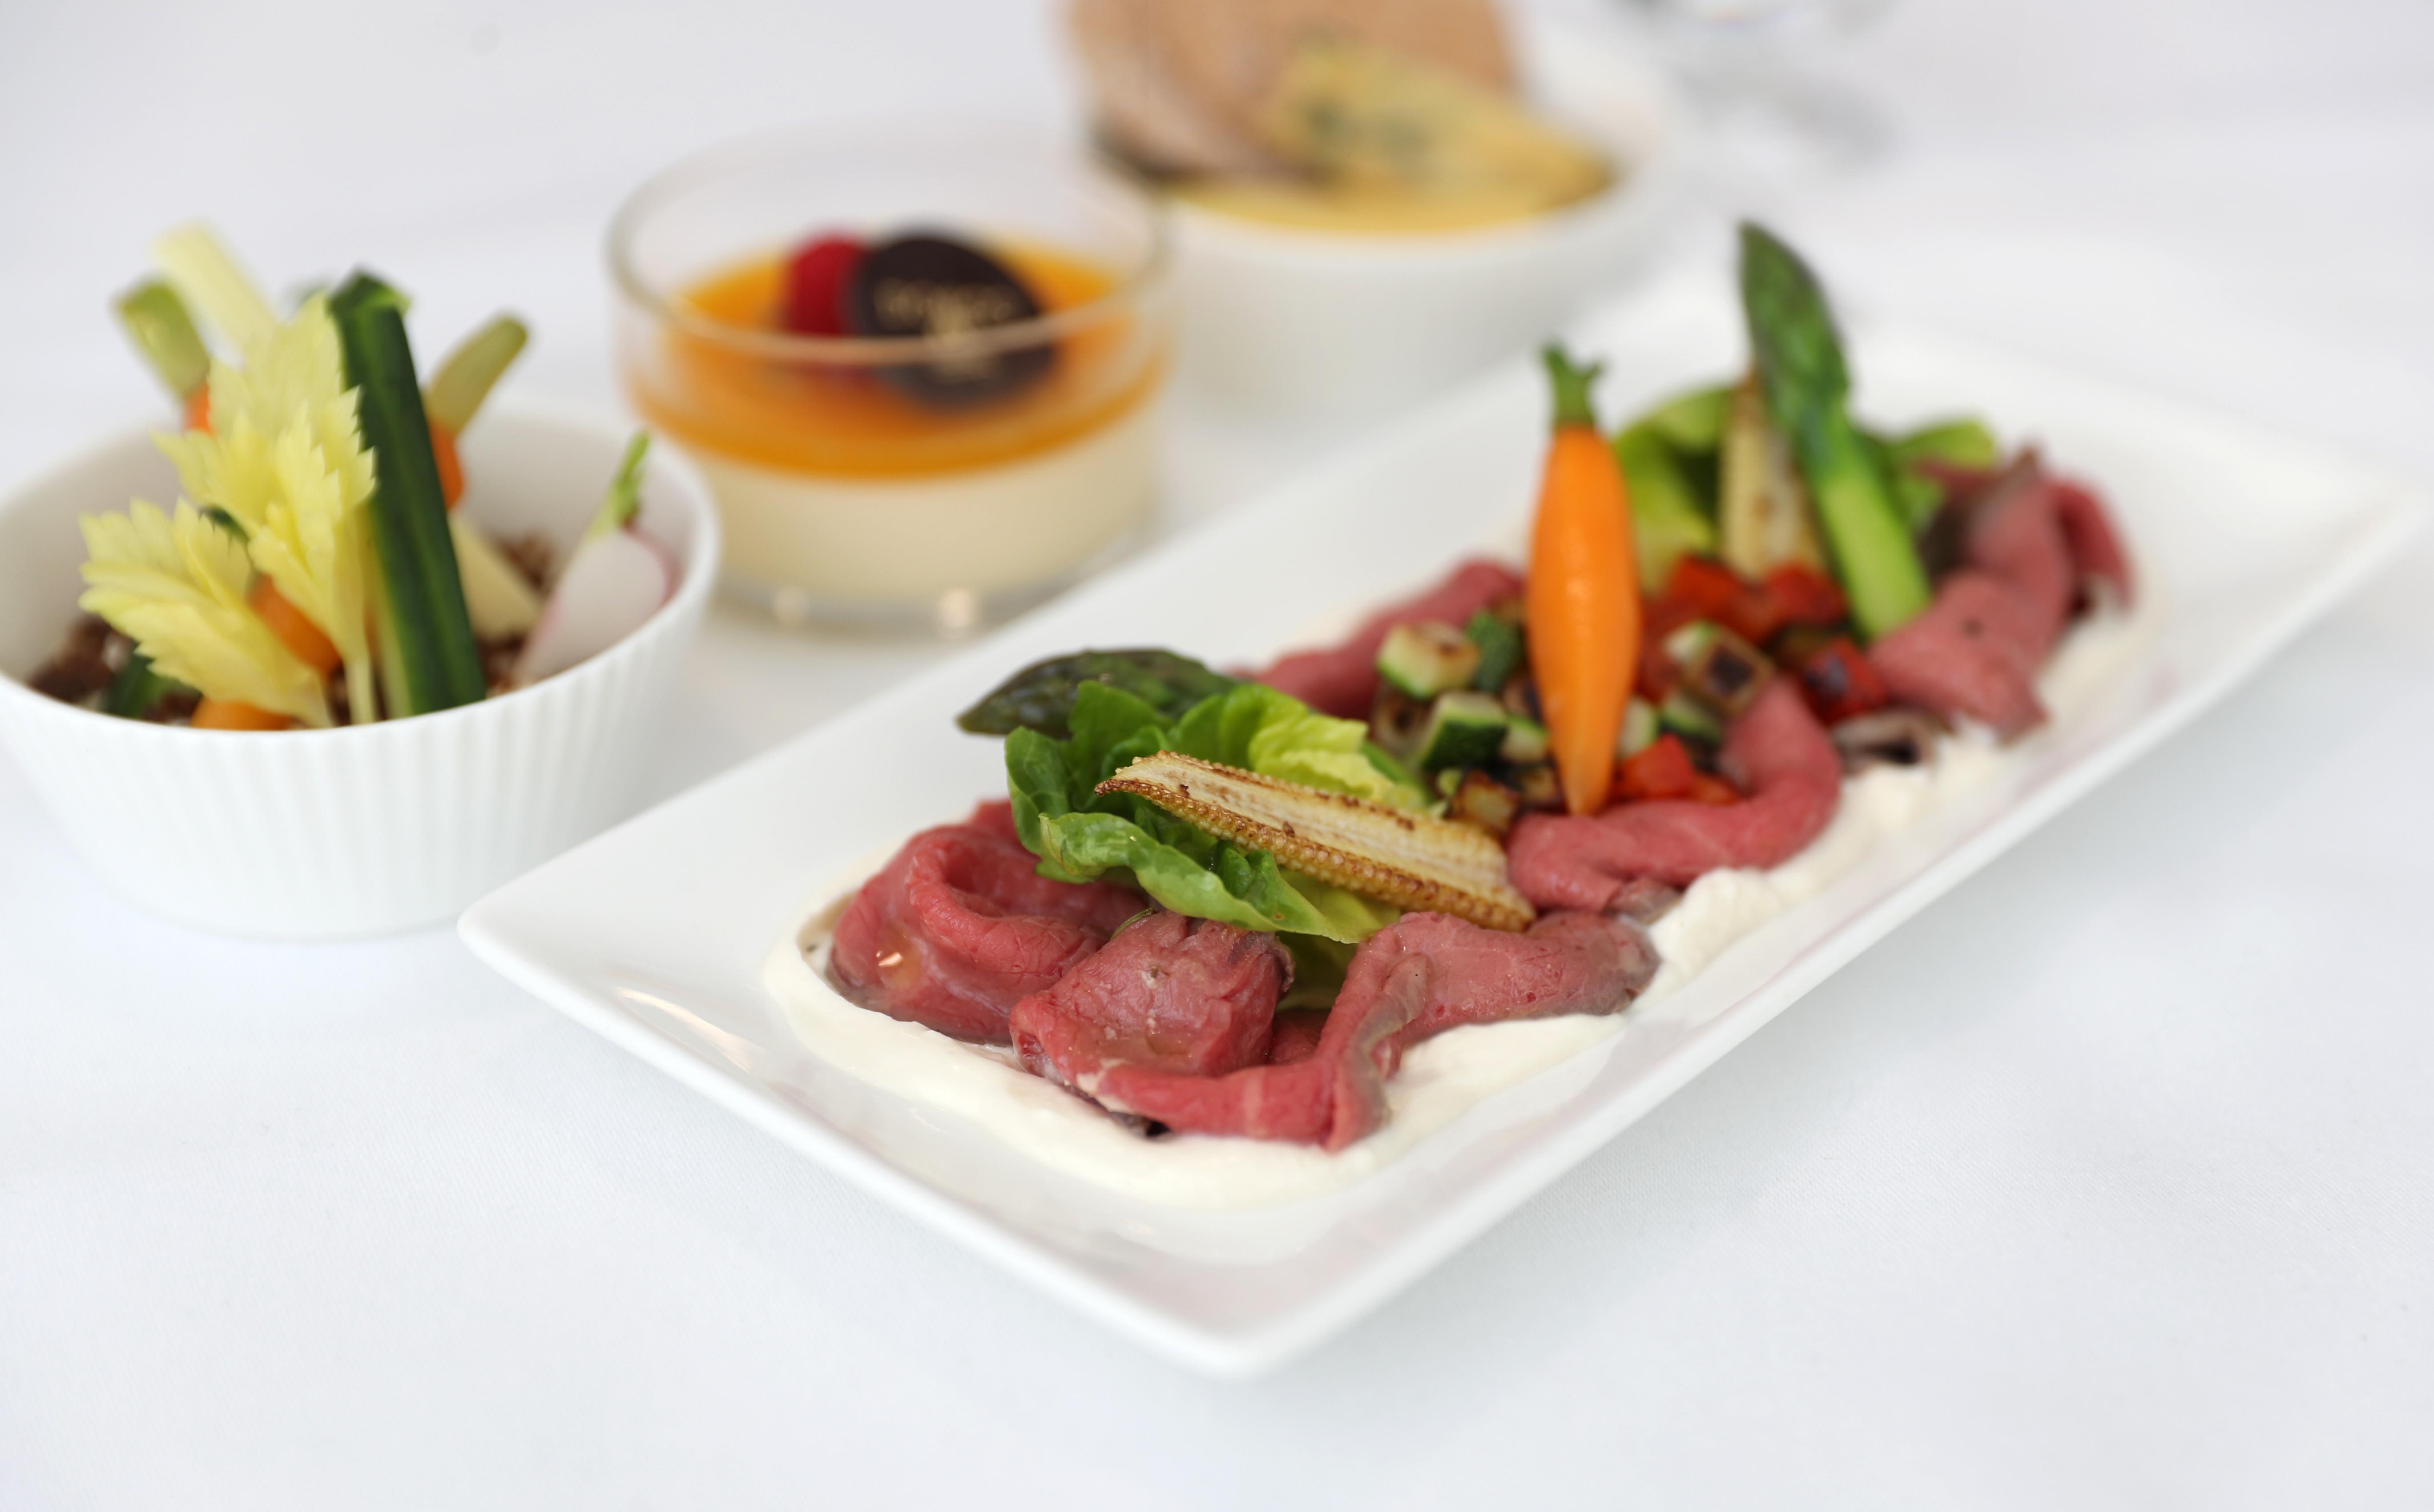 British Airways lancerer snart et helt nyt mad-koncept i selskabets Club Europe. Foto: Nick Morrish/British Airways